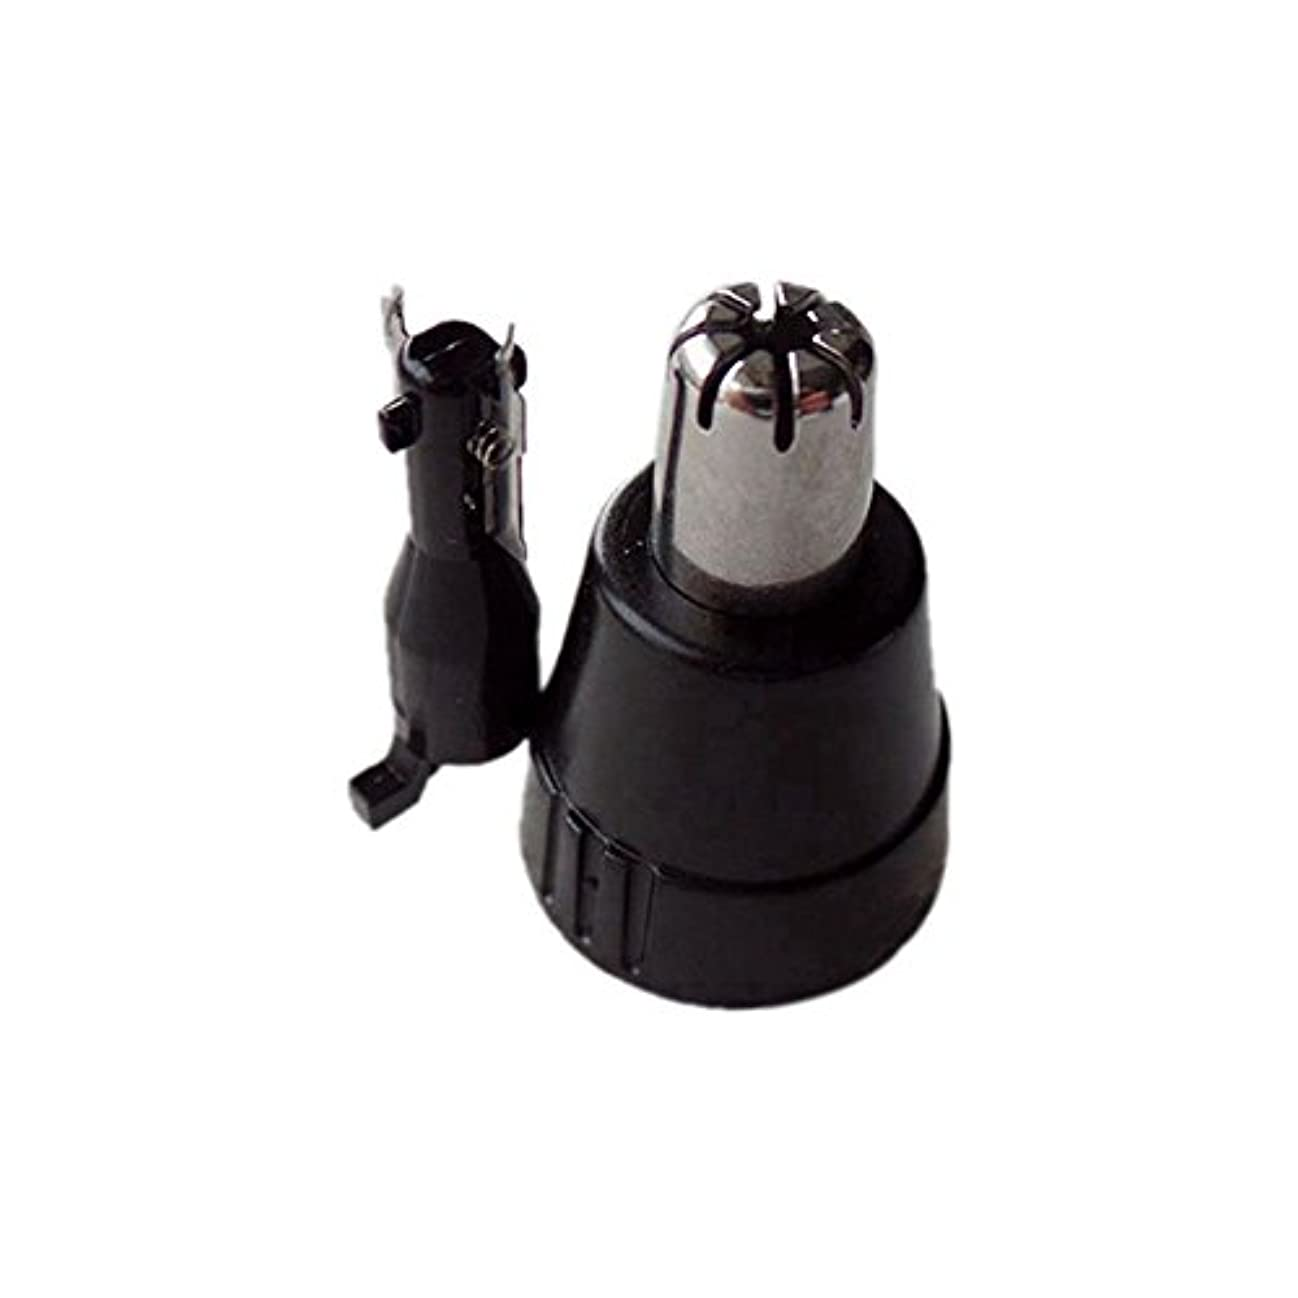 プランテーションコンサート代わりにを立てるXinvision 鼻毛カッター 交代パーツ 交代品 内刃 外刃 替刃 耐用 for Panasonic 鼻毛カッター ER-GN30/-GN10